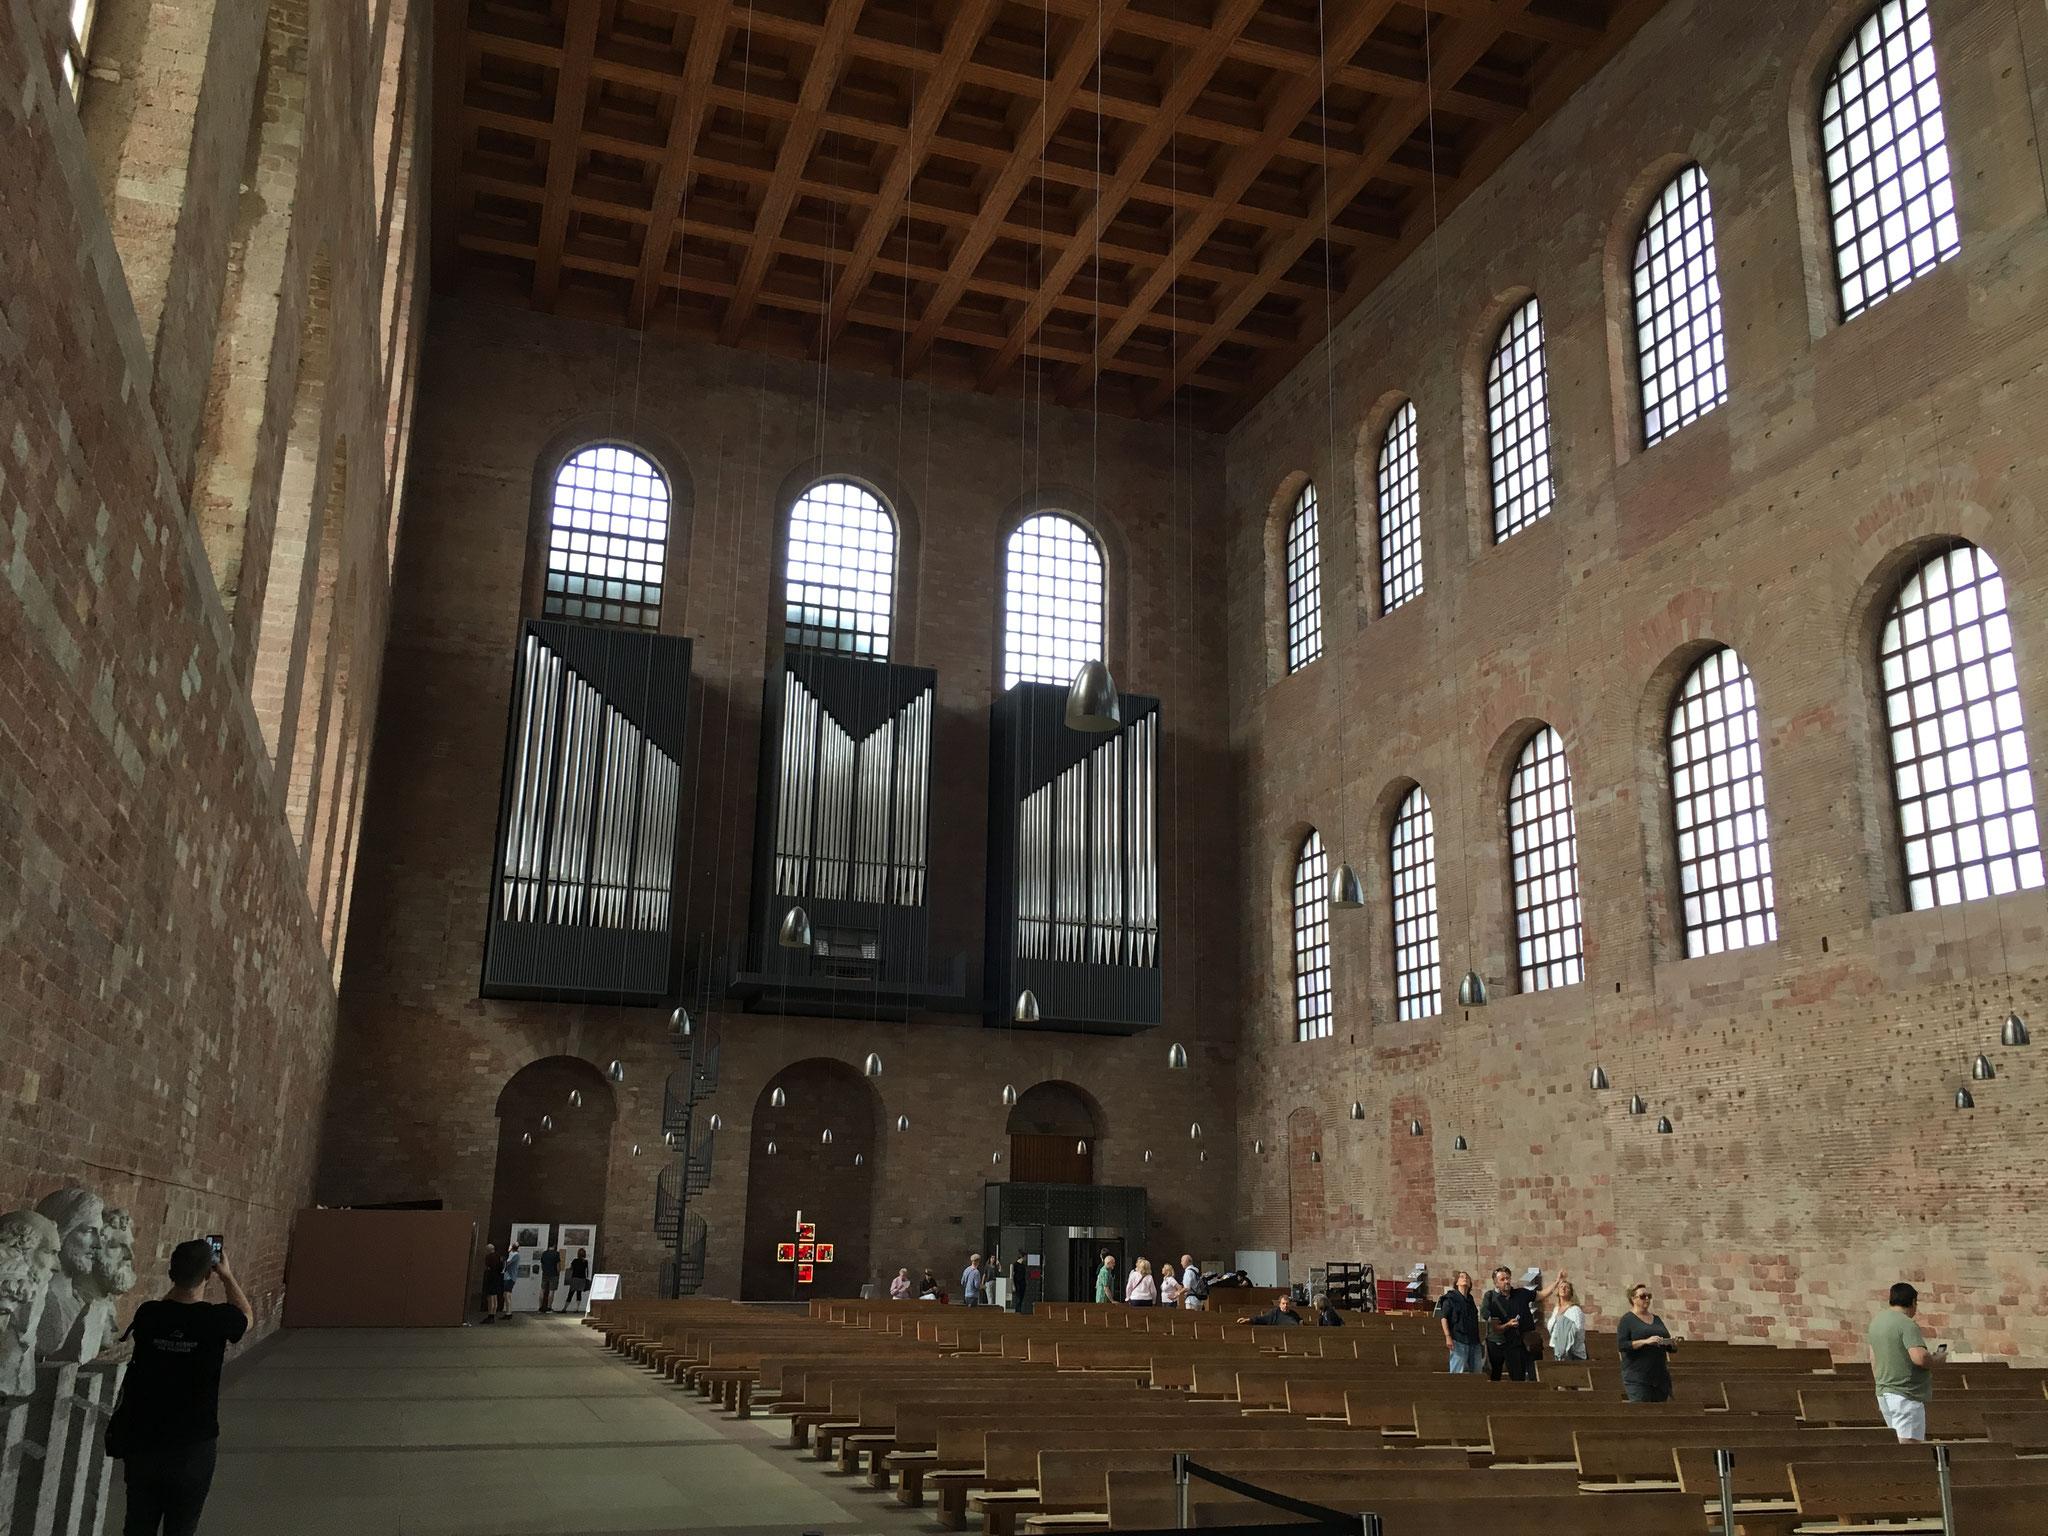 Die neue Orgel in der Konstantinbasilika.